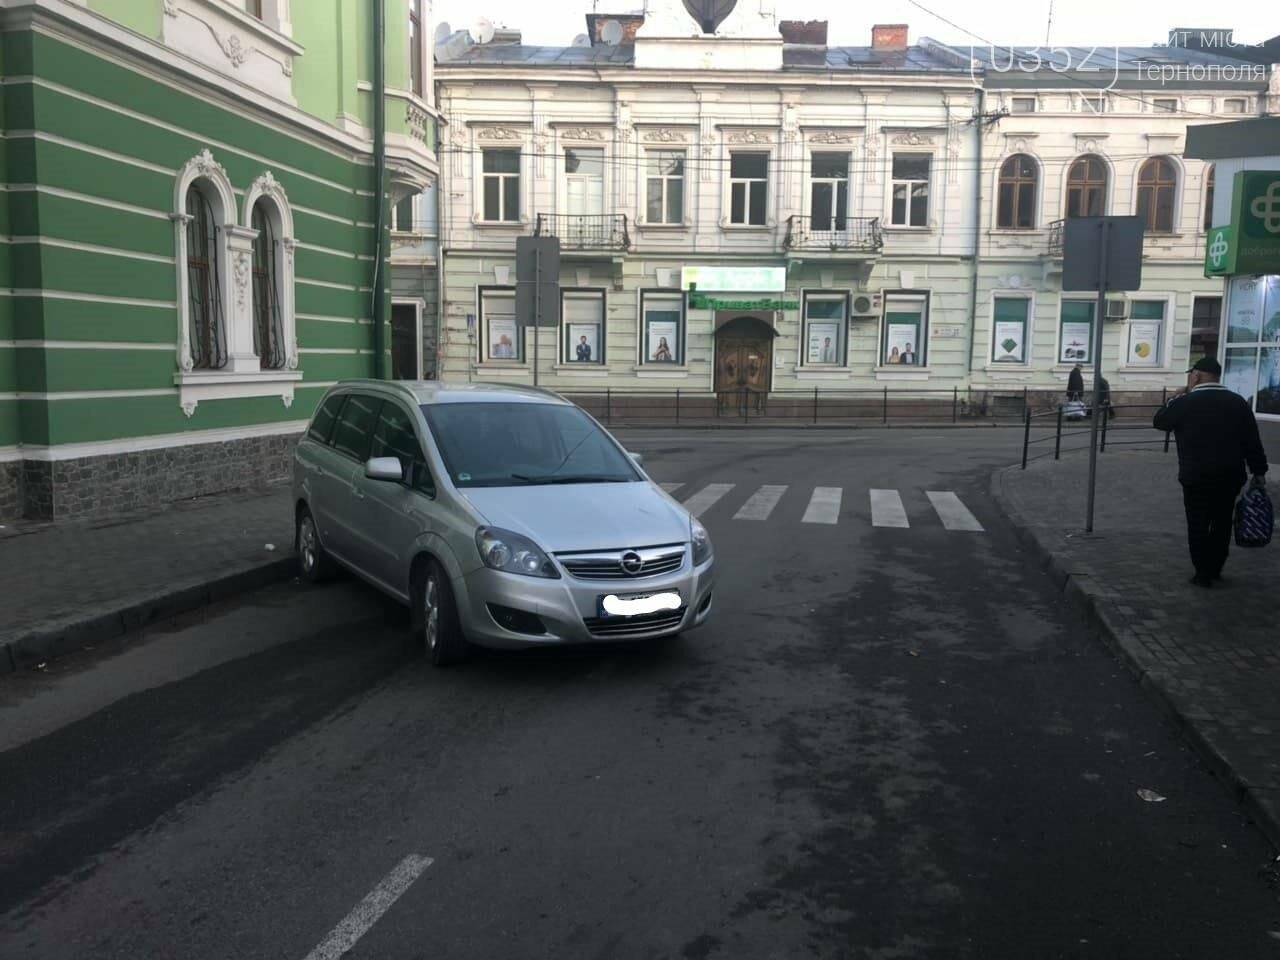 У Тернополі на вулиці Січових Стрільців невідомий припаркував своє авто посеред дороги (ФОТО), фото-2